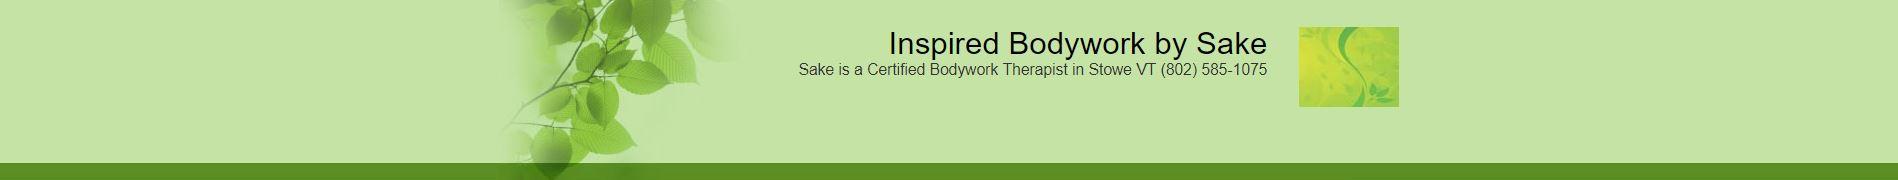 Inspired Bodywork by Sake